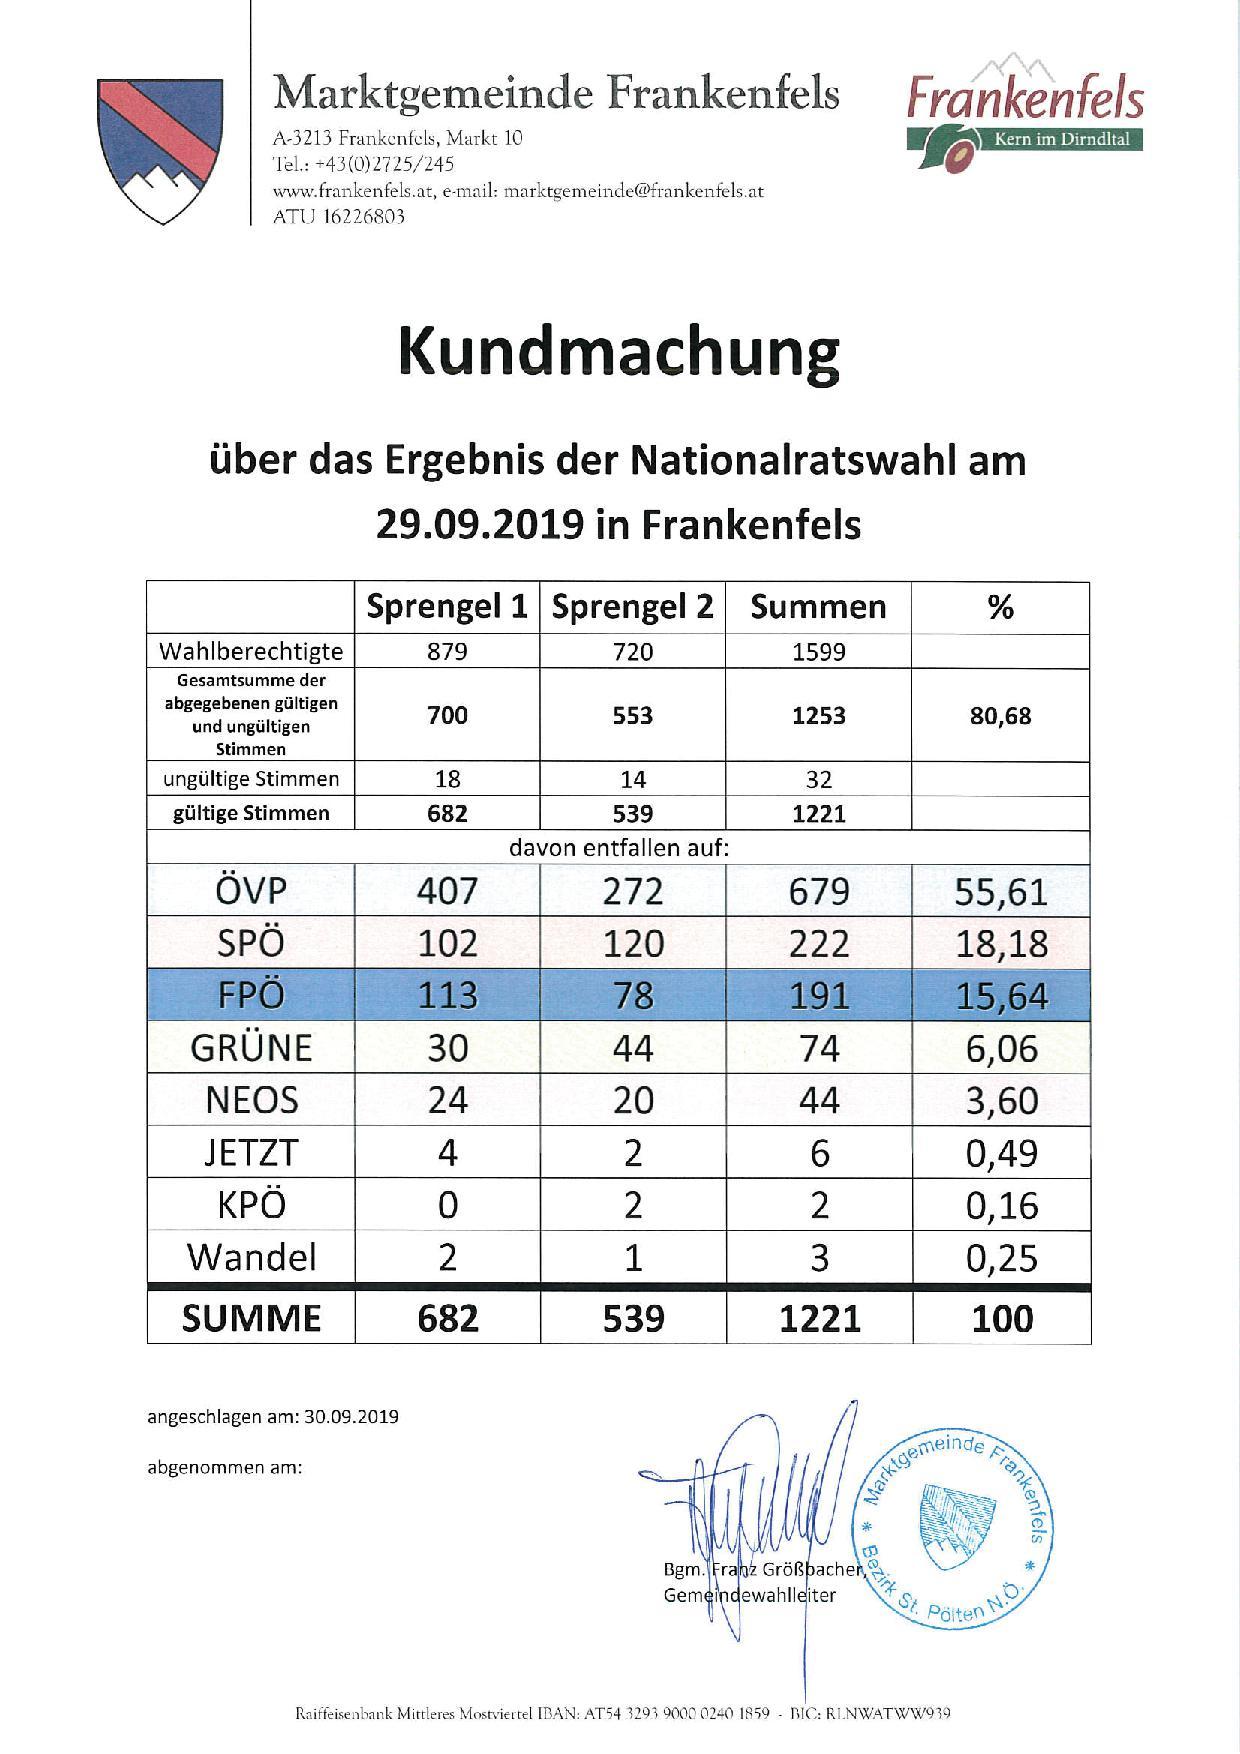 Kundmachung: über das Ergebnis der Nationalratswahl am 29.09.2019 für Frankenfels